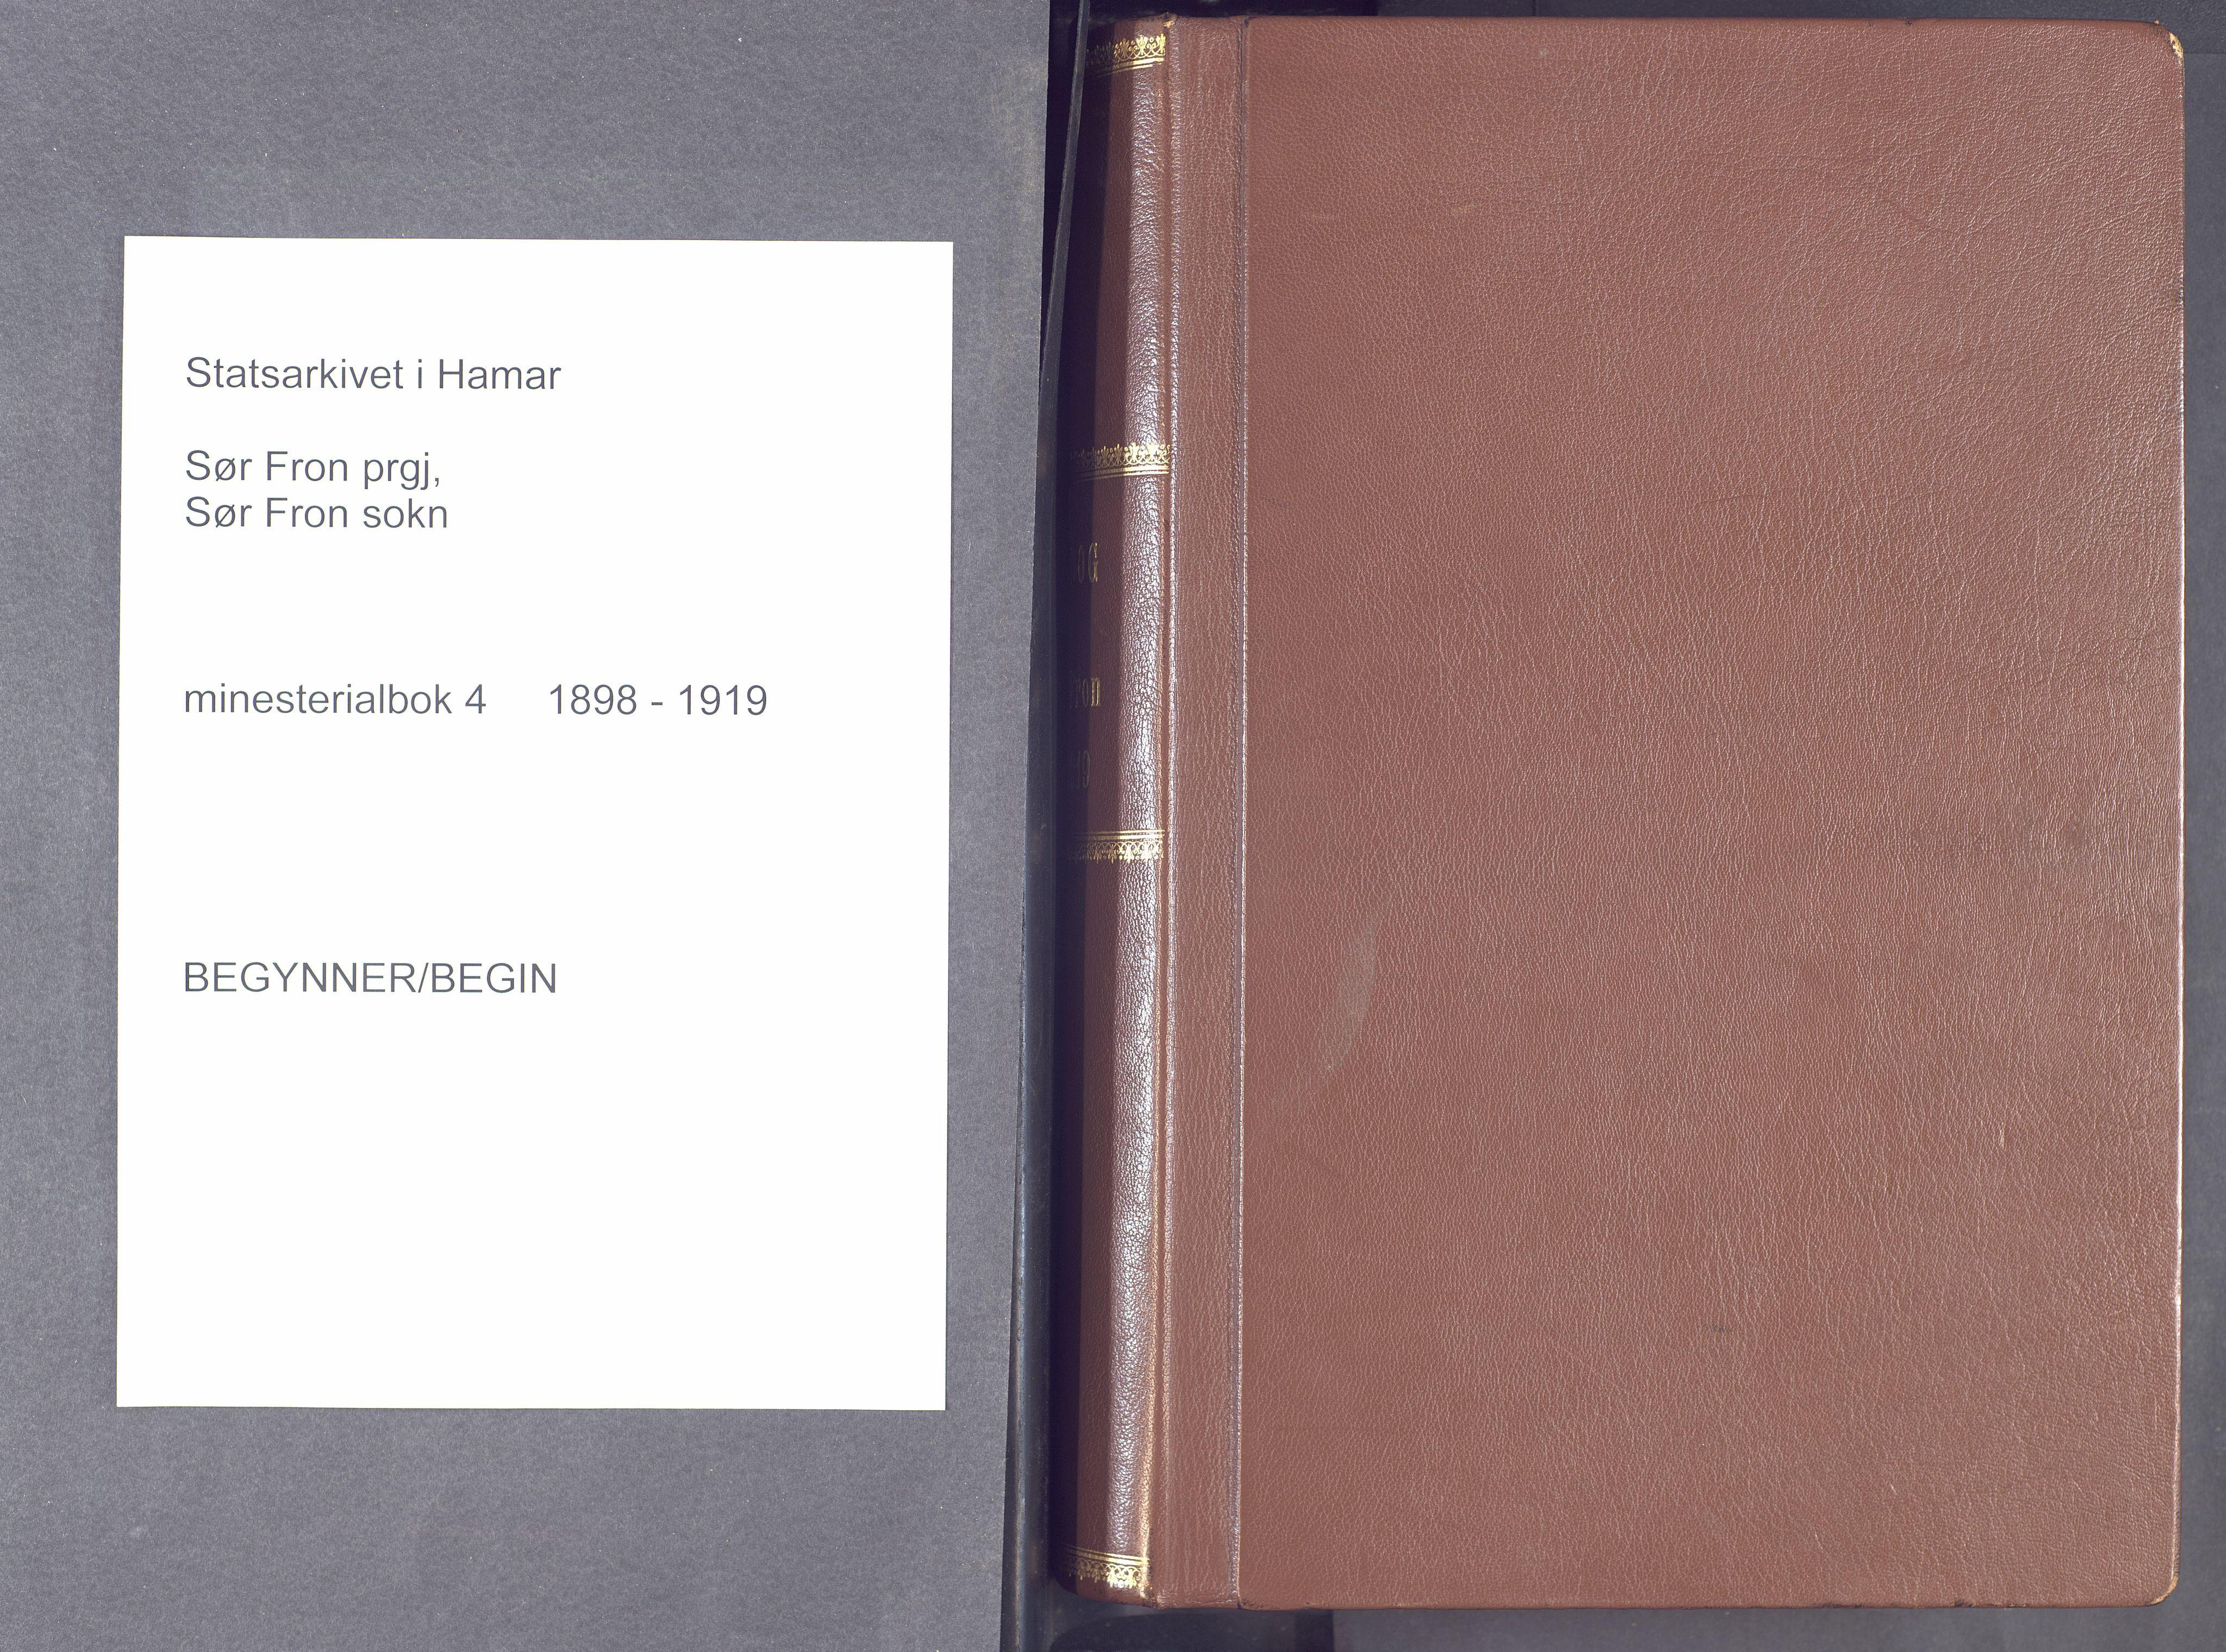 SAH, Sør-Fron prestekontor, H/Ha/Haa/L0004: Parish register (official) no. 4, 1898-1919